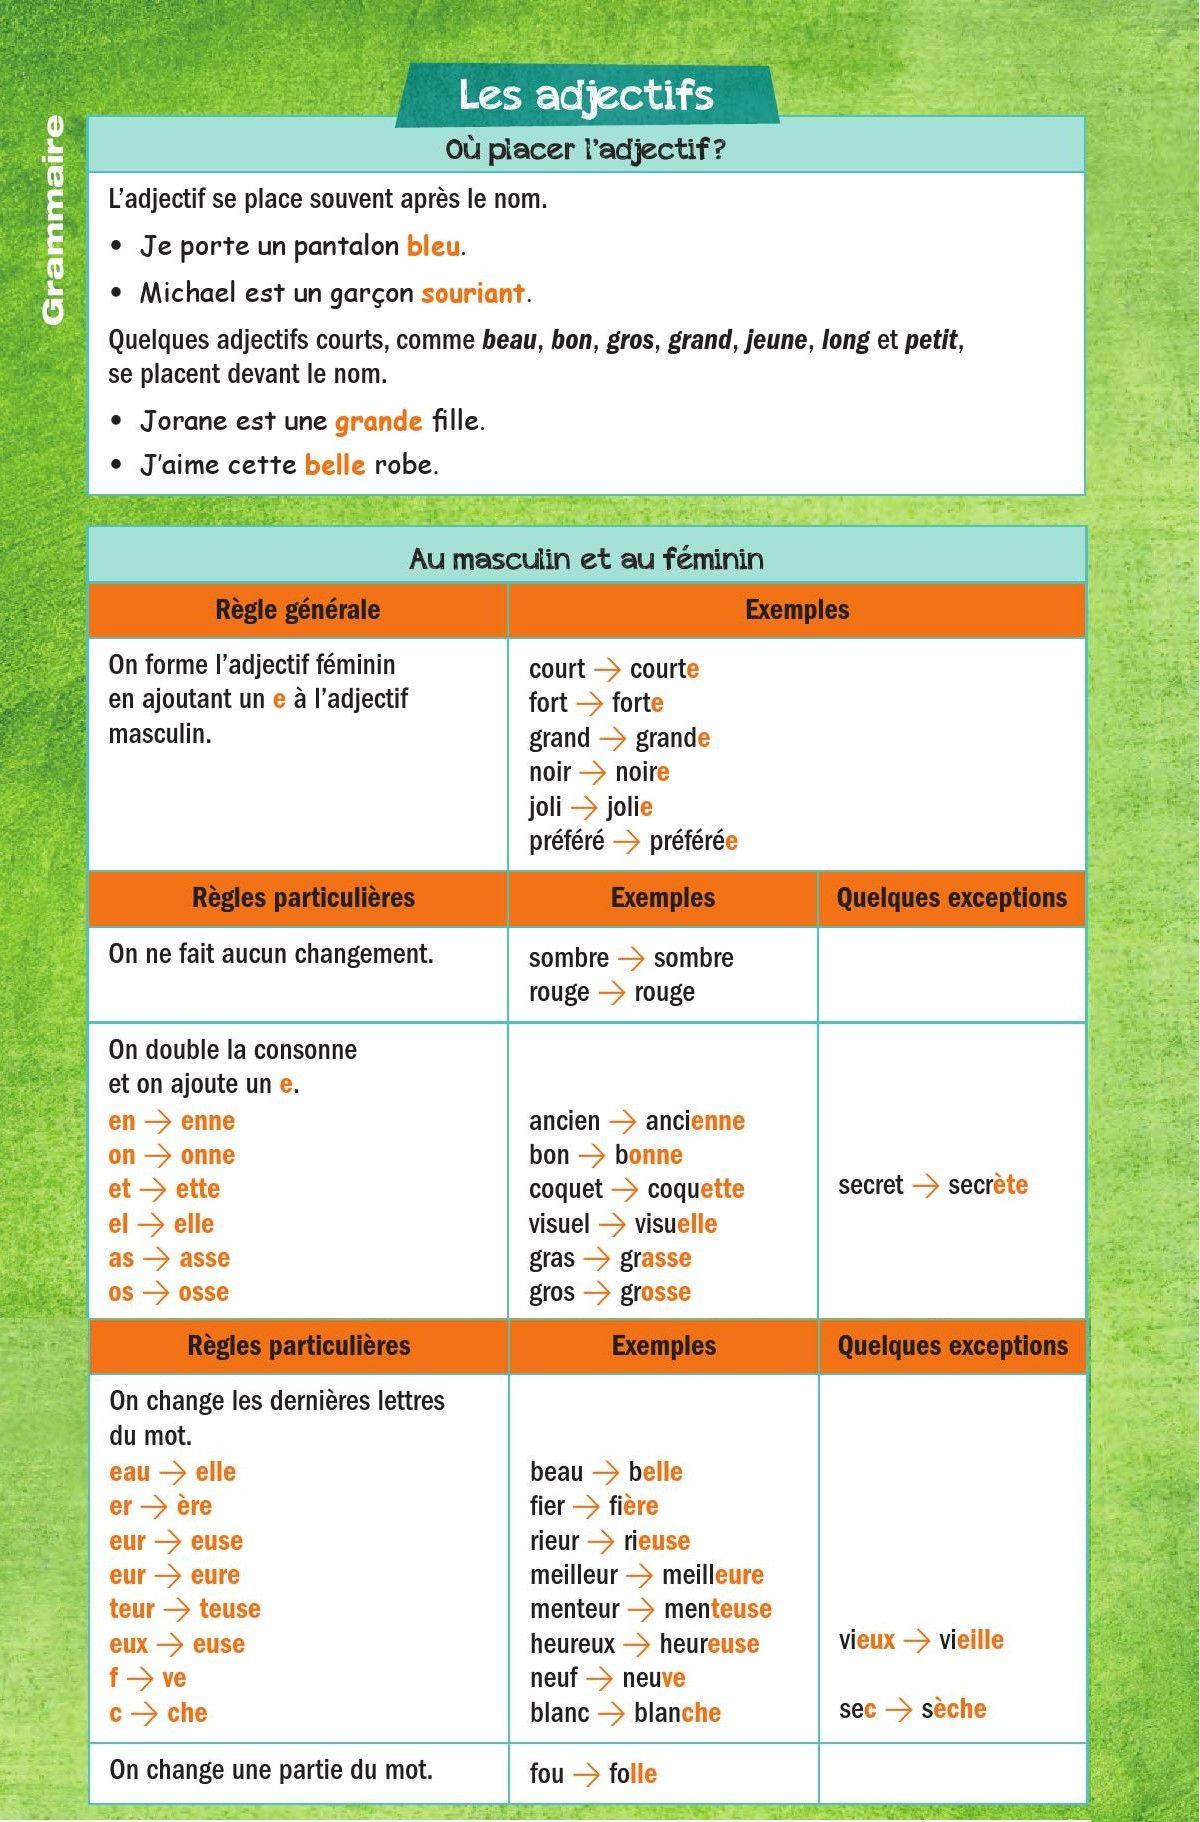 السنة الخامسة إبتدائي تعلم اللغة الفرنسية بالصور قواعد اللغة الفرنسية Dzexams Learn French French Grammar French Verbs